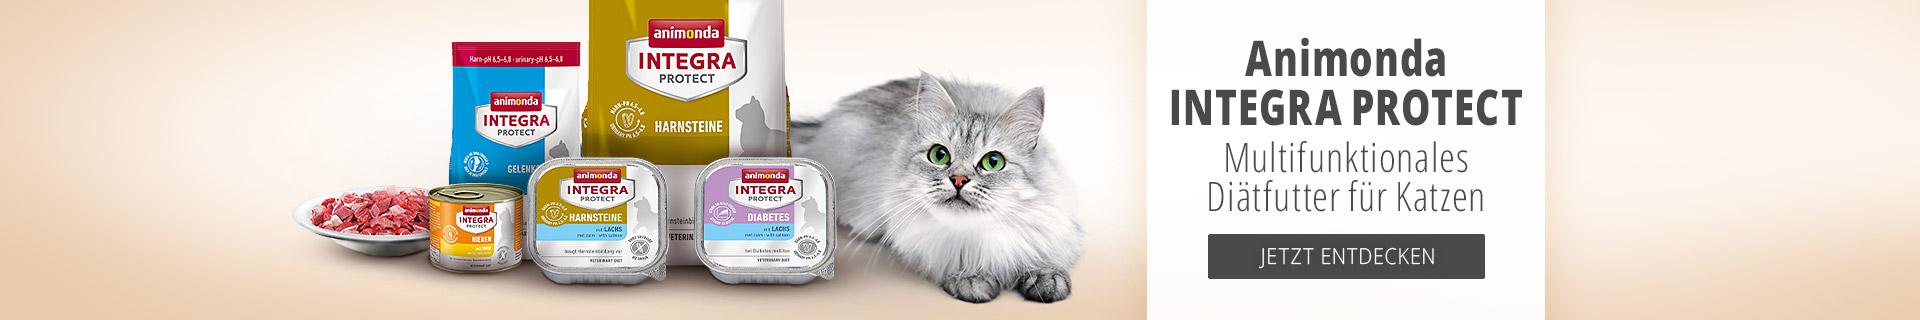 Medizinisches Ditätfutter für Katzen